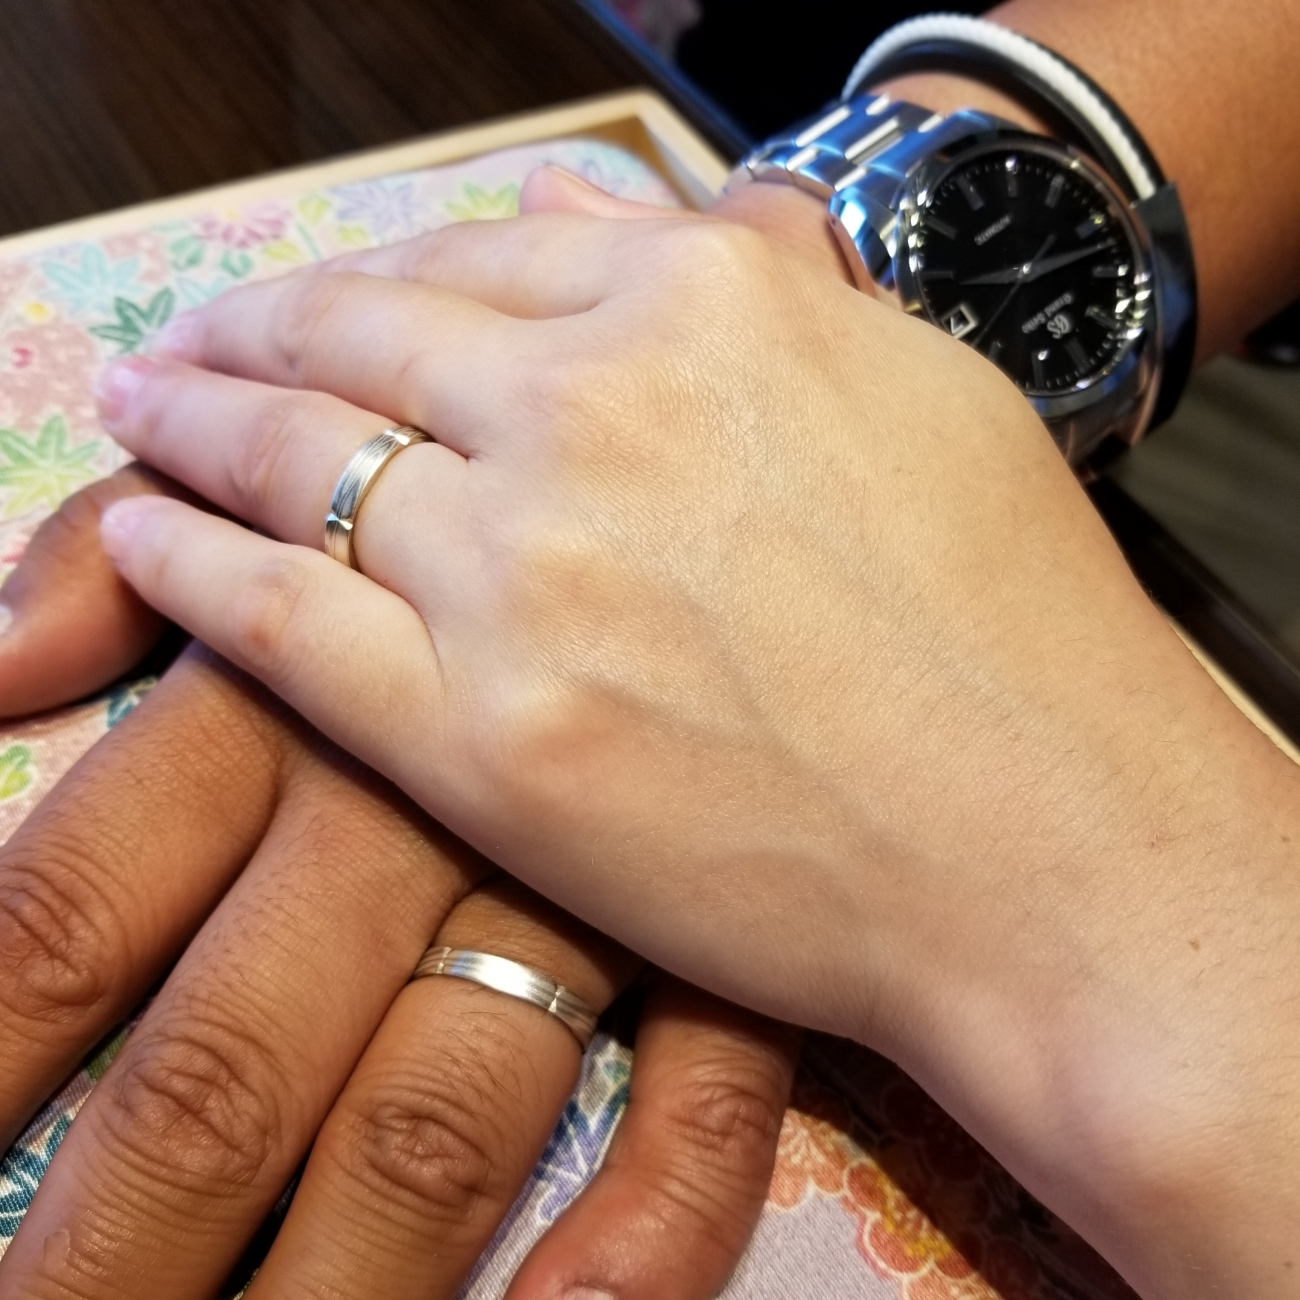 新潟結婚婚約マリッジエンゲージ和風ジャパン杢目木目杢目金屋mokumeganeyaBROOCHブローチ和装